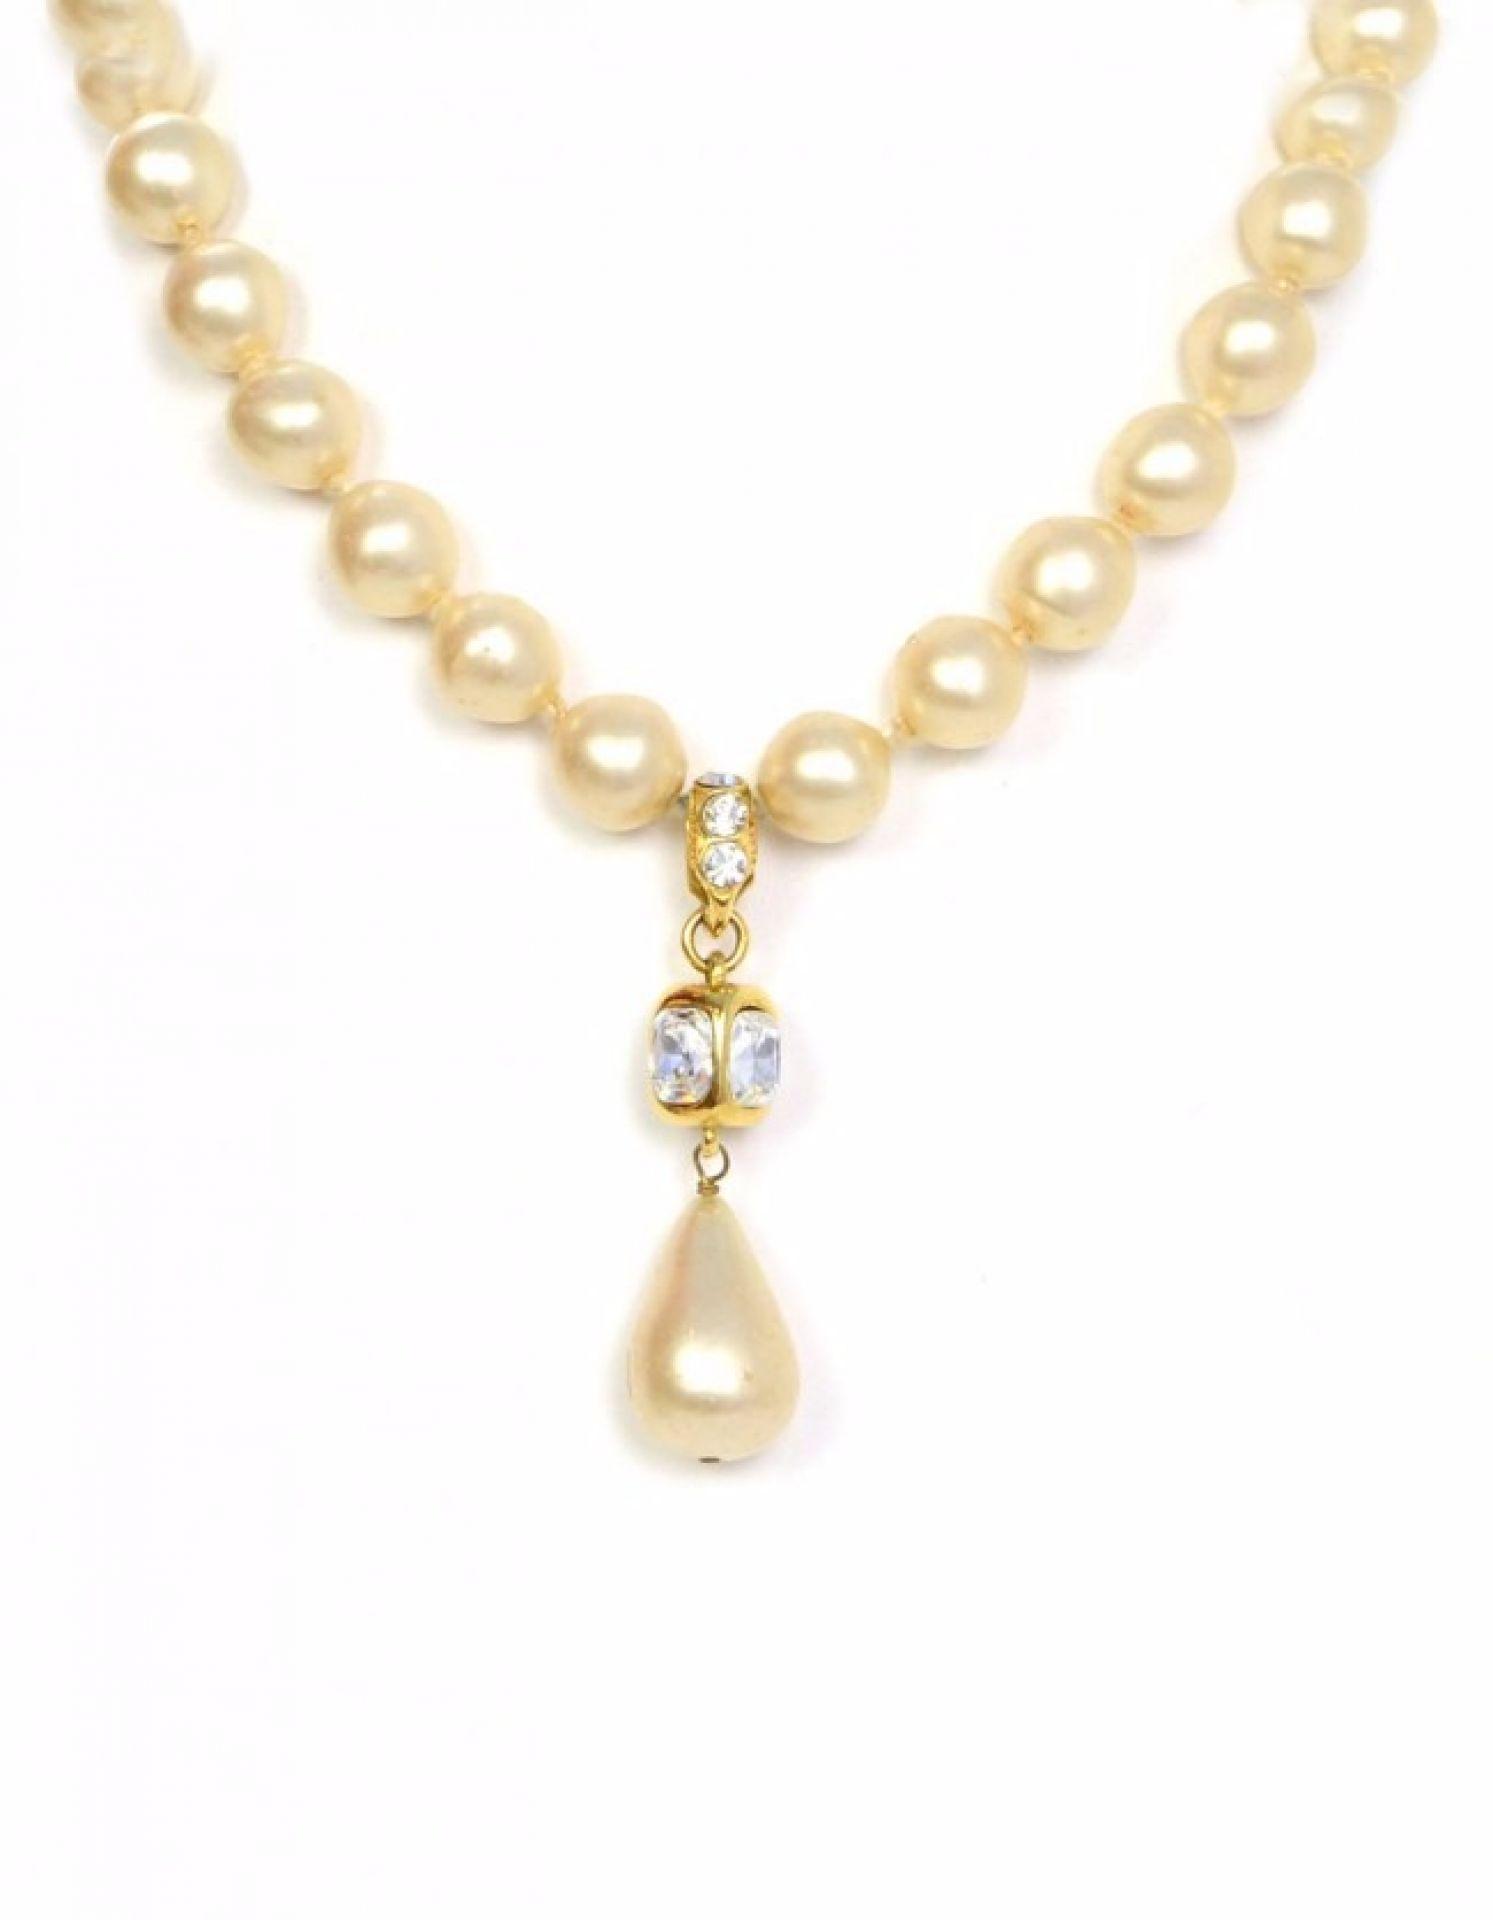 Chanel Vintage '86 Pearl & Crystal Tear Drop Necklace